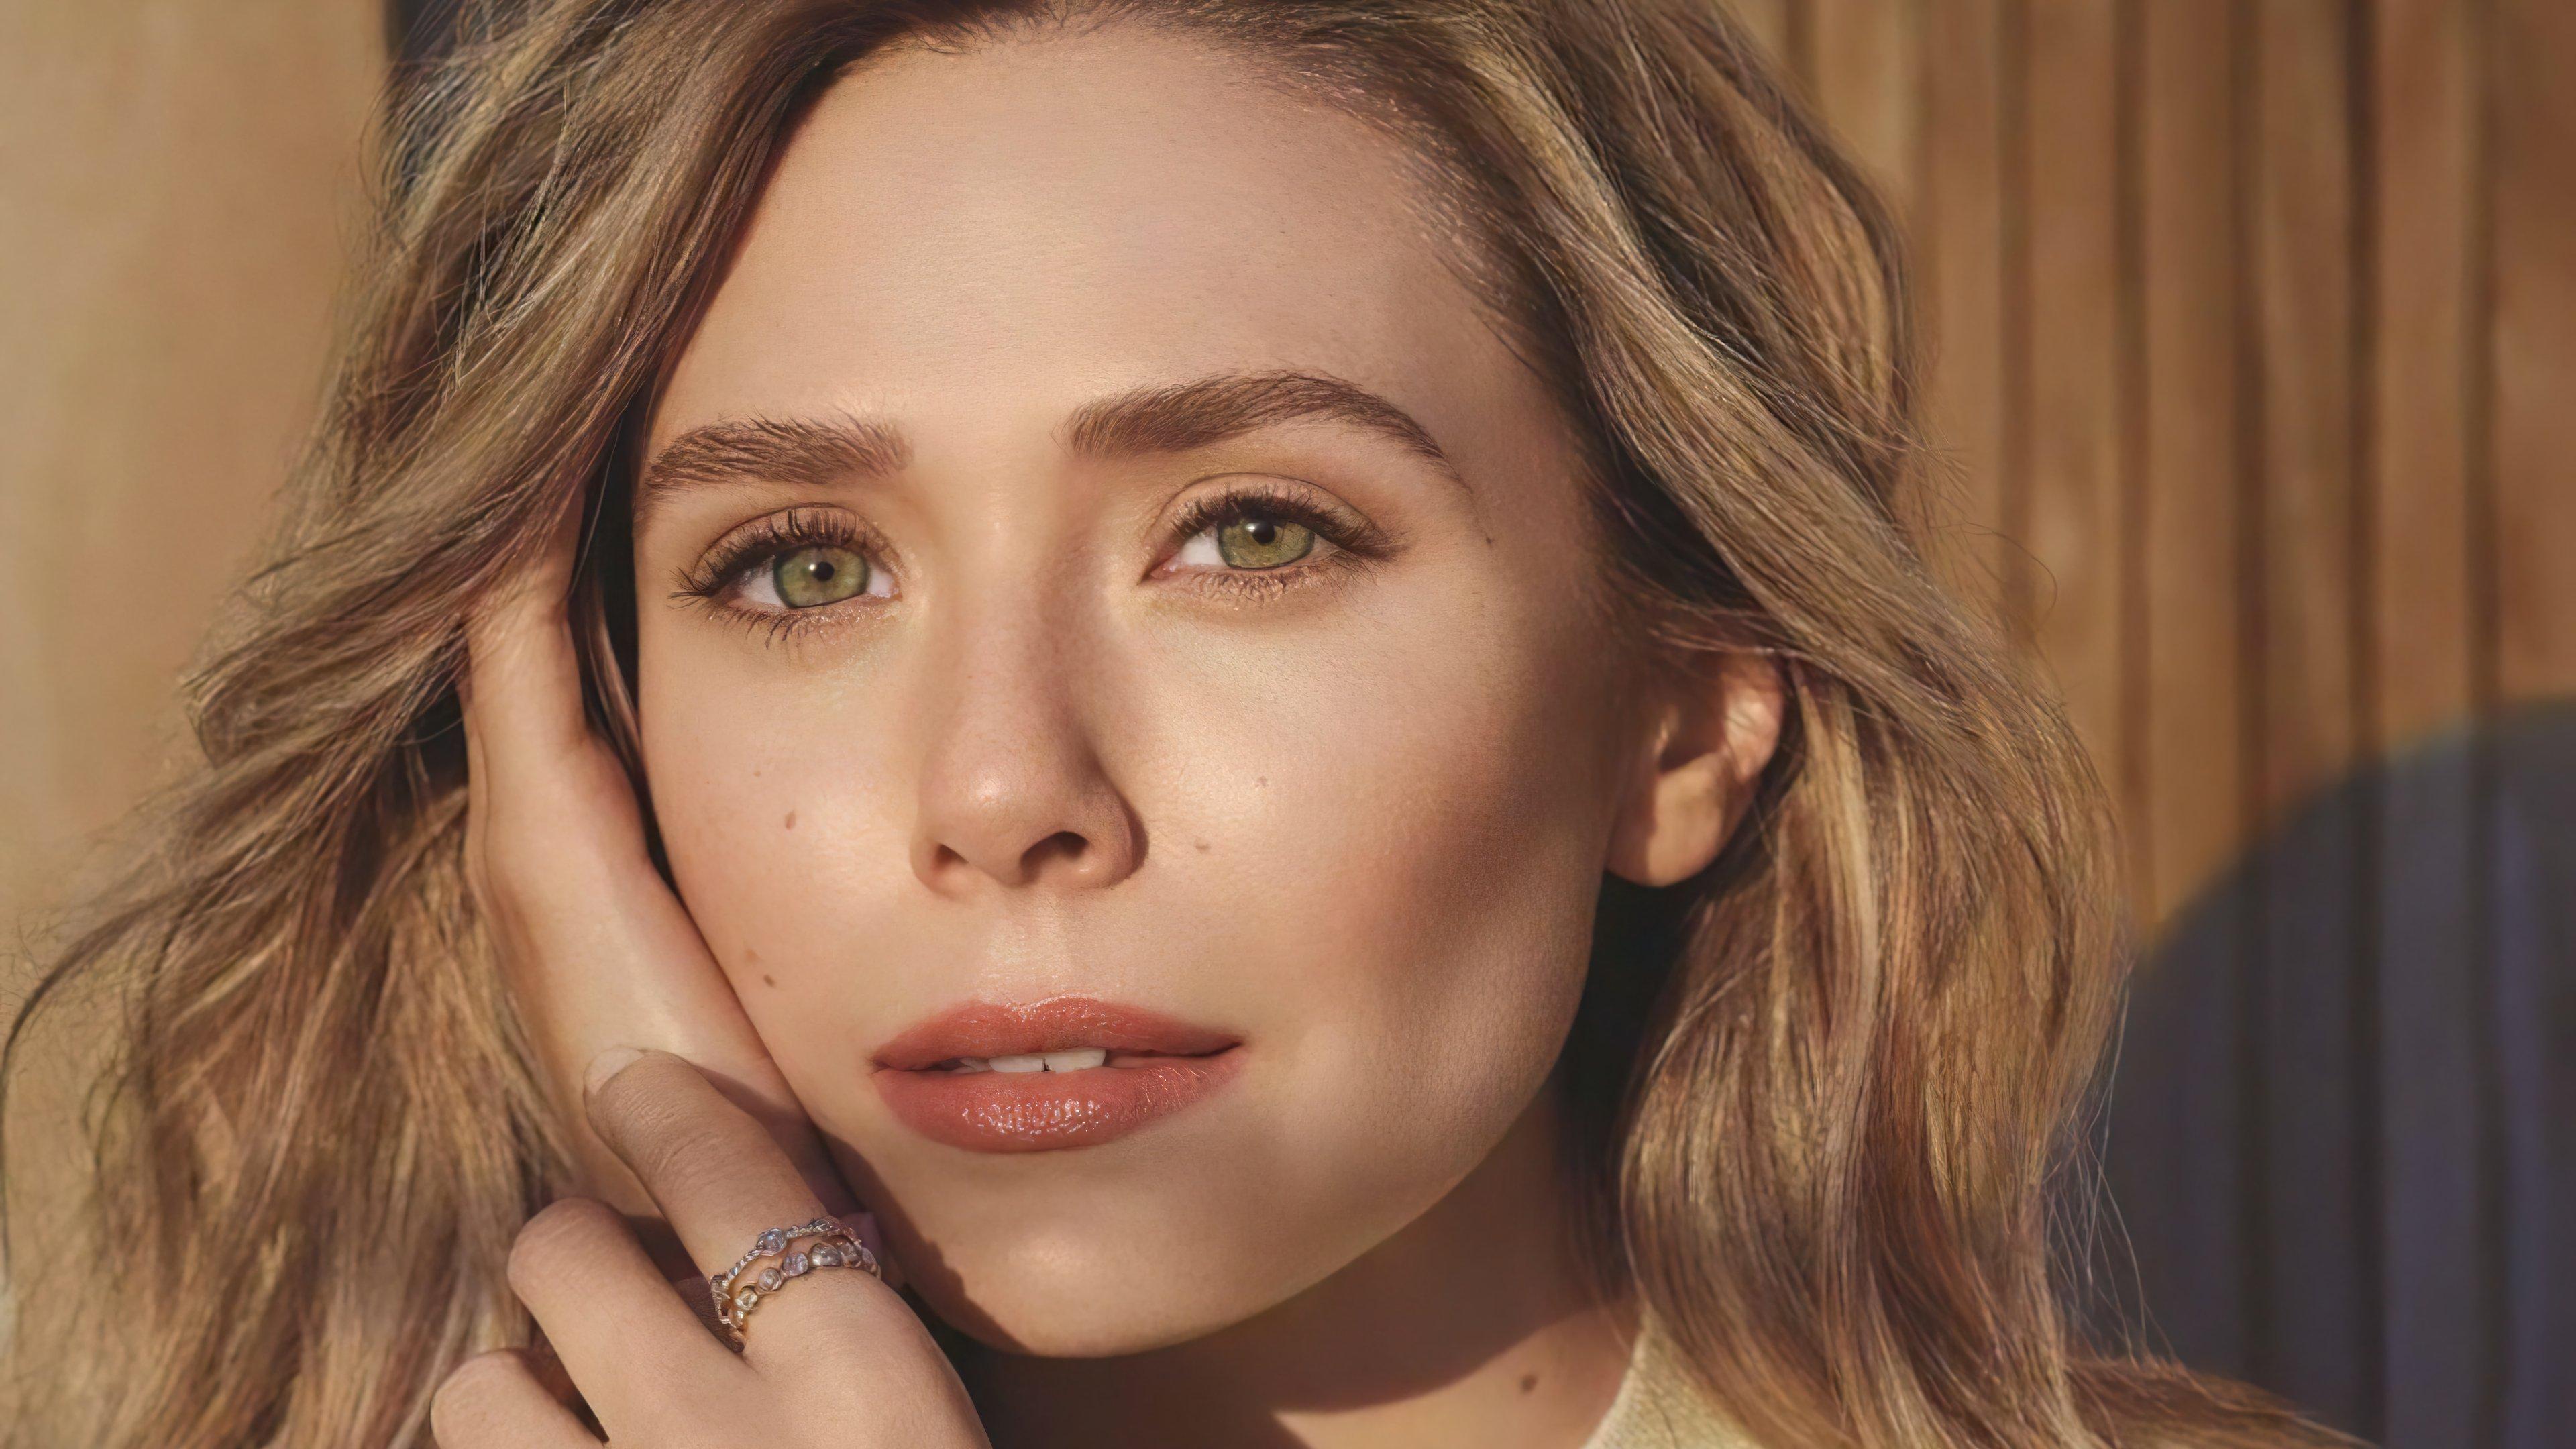 Fondos de pantalla Elizabeth Olsen con maquillaje